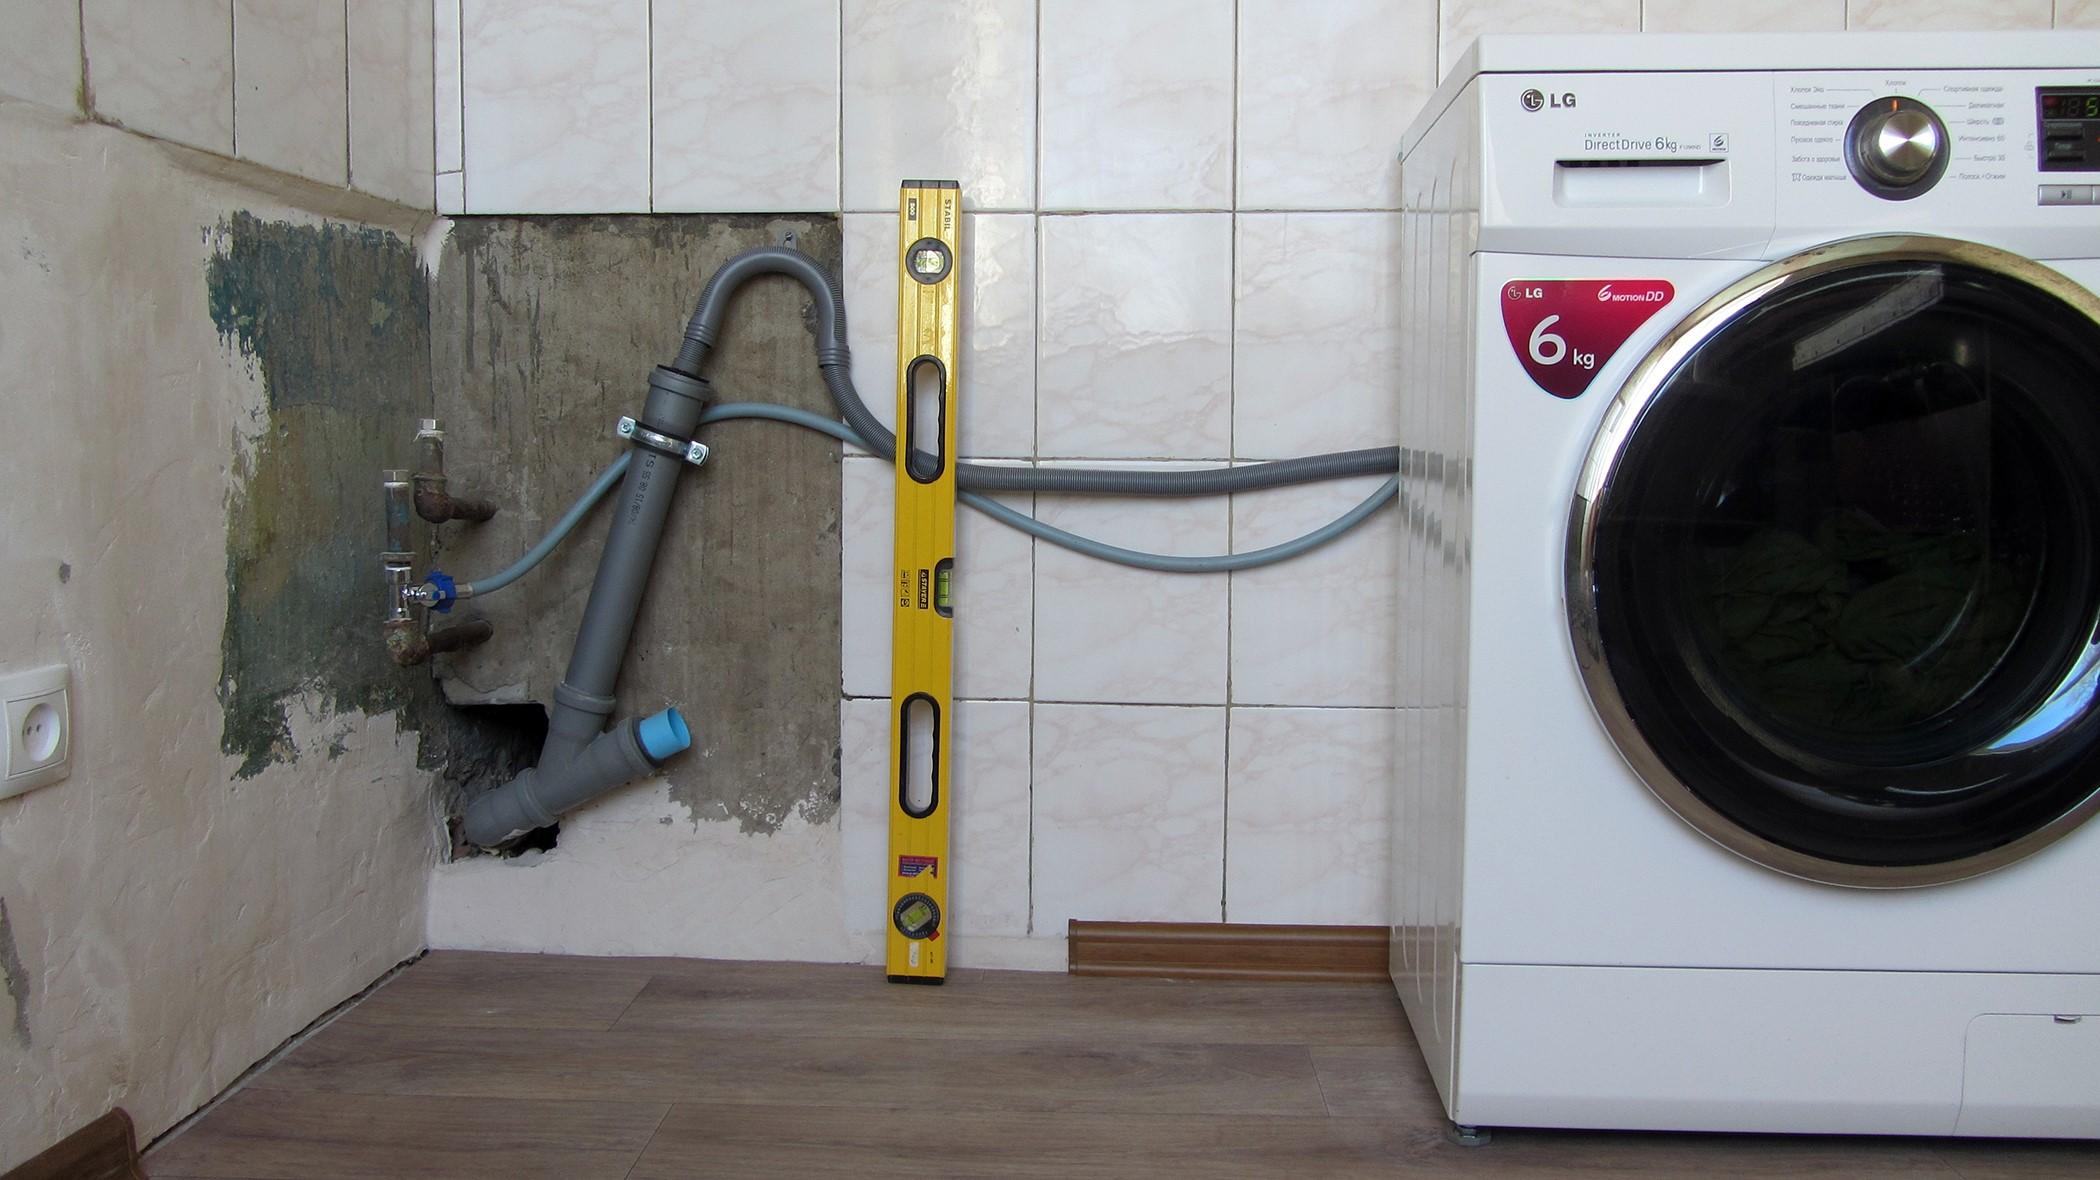 Водопровод в жилых помещениях комплектуется зачастую трубами из металла и металлопластика